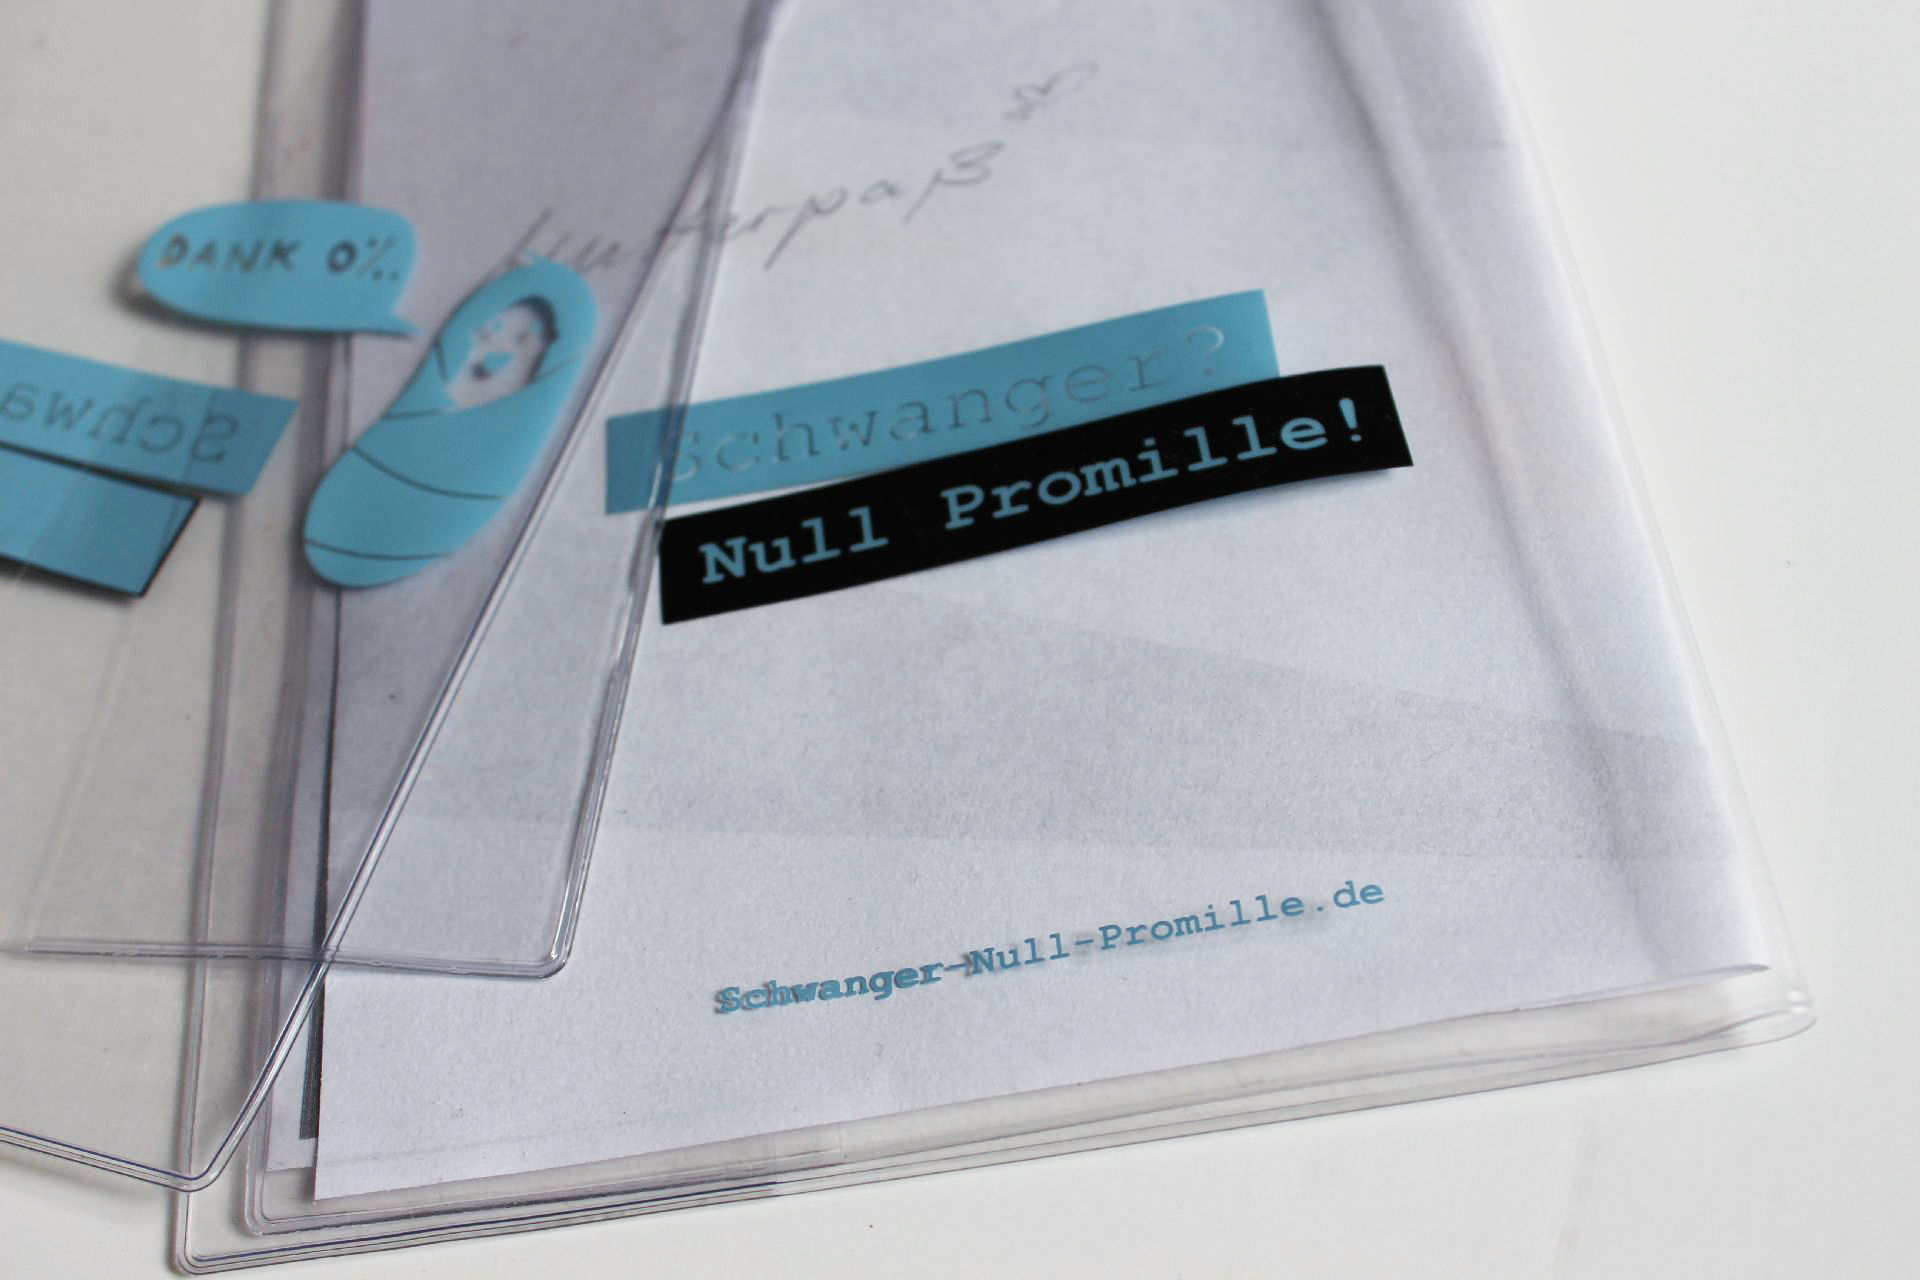 SCHWANGER-NULL-PROMILLE-Mutterpass-1920x1280px-03